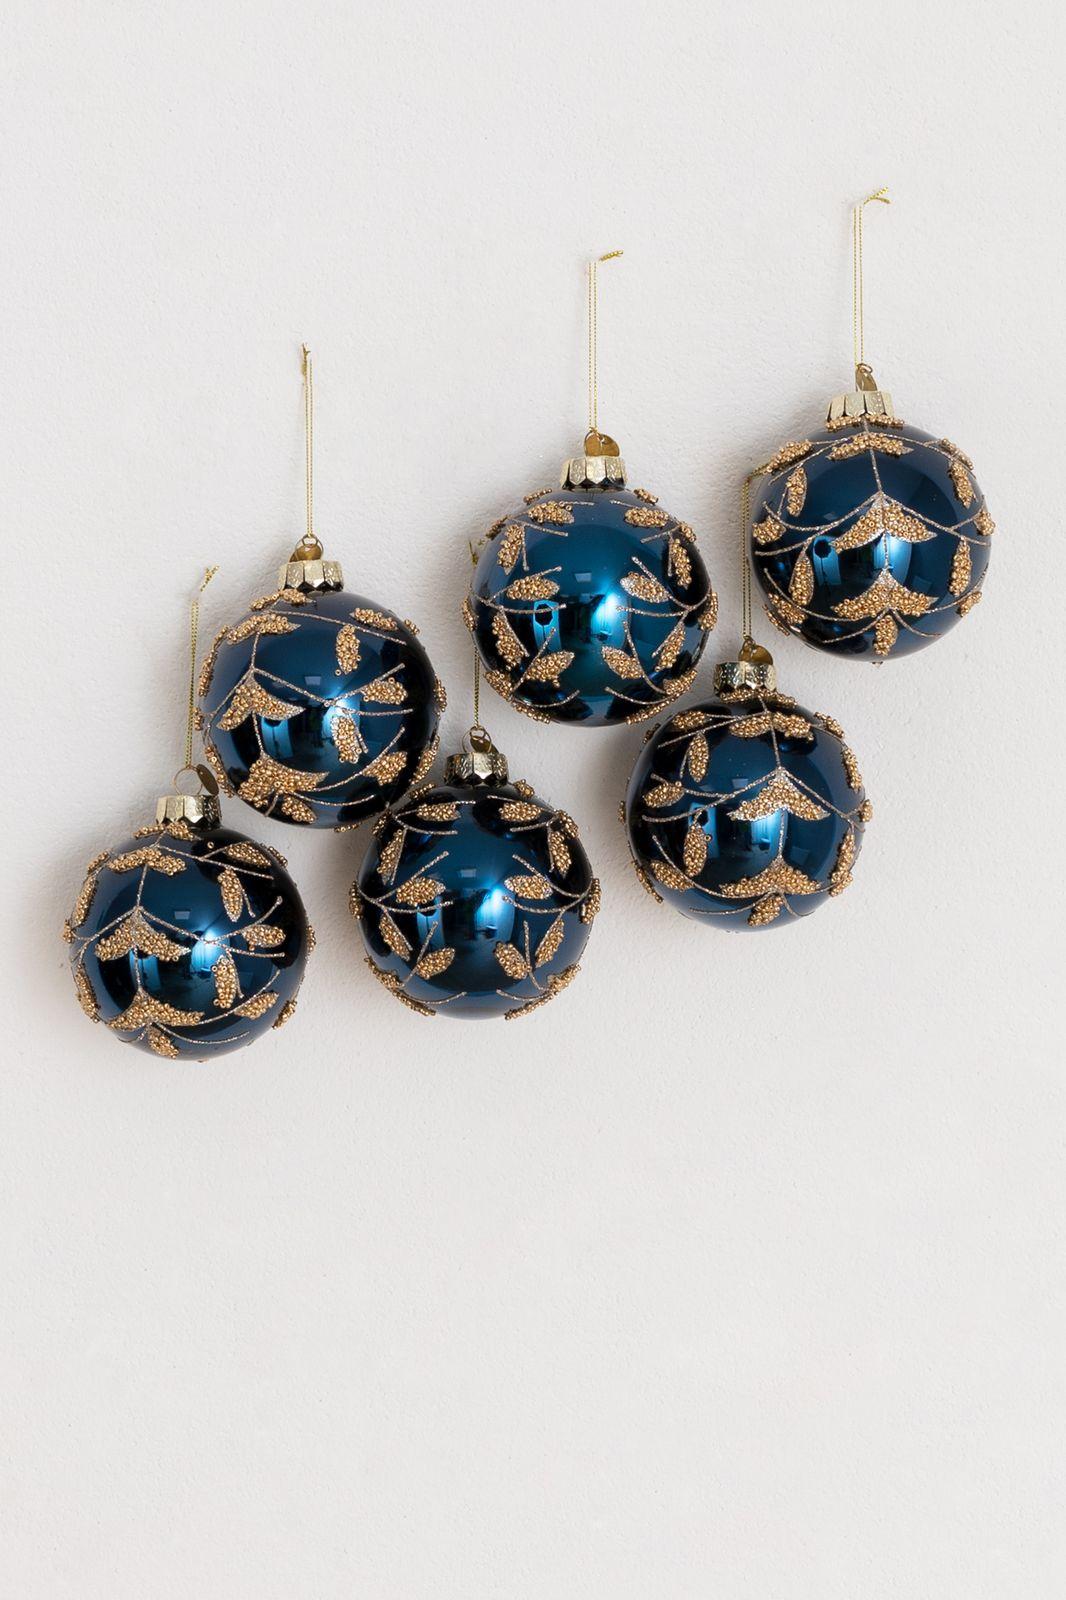 Donkerblauwe kerstbal met gouden details